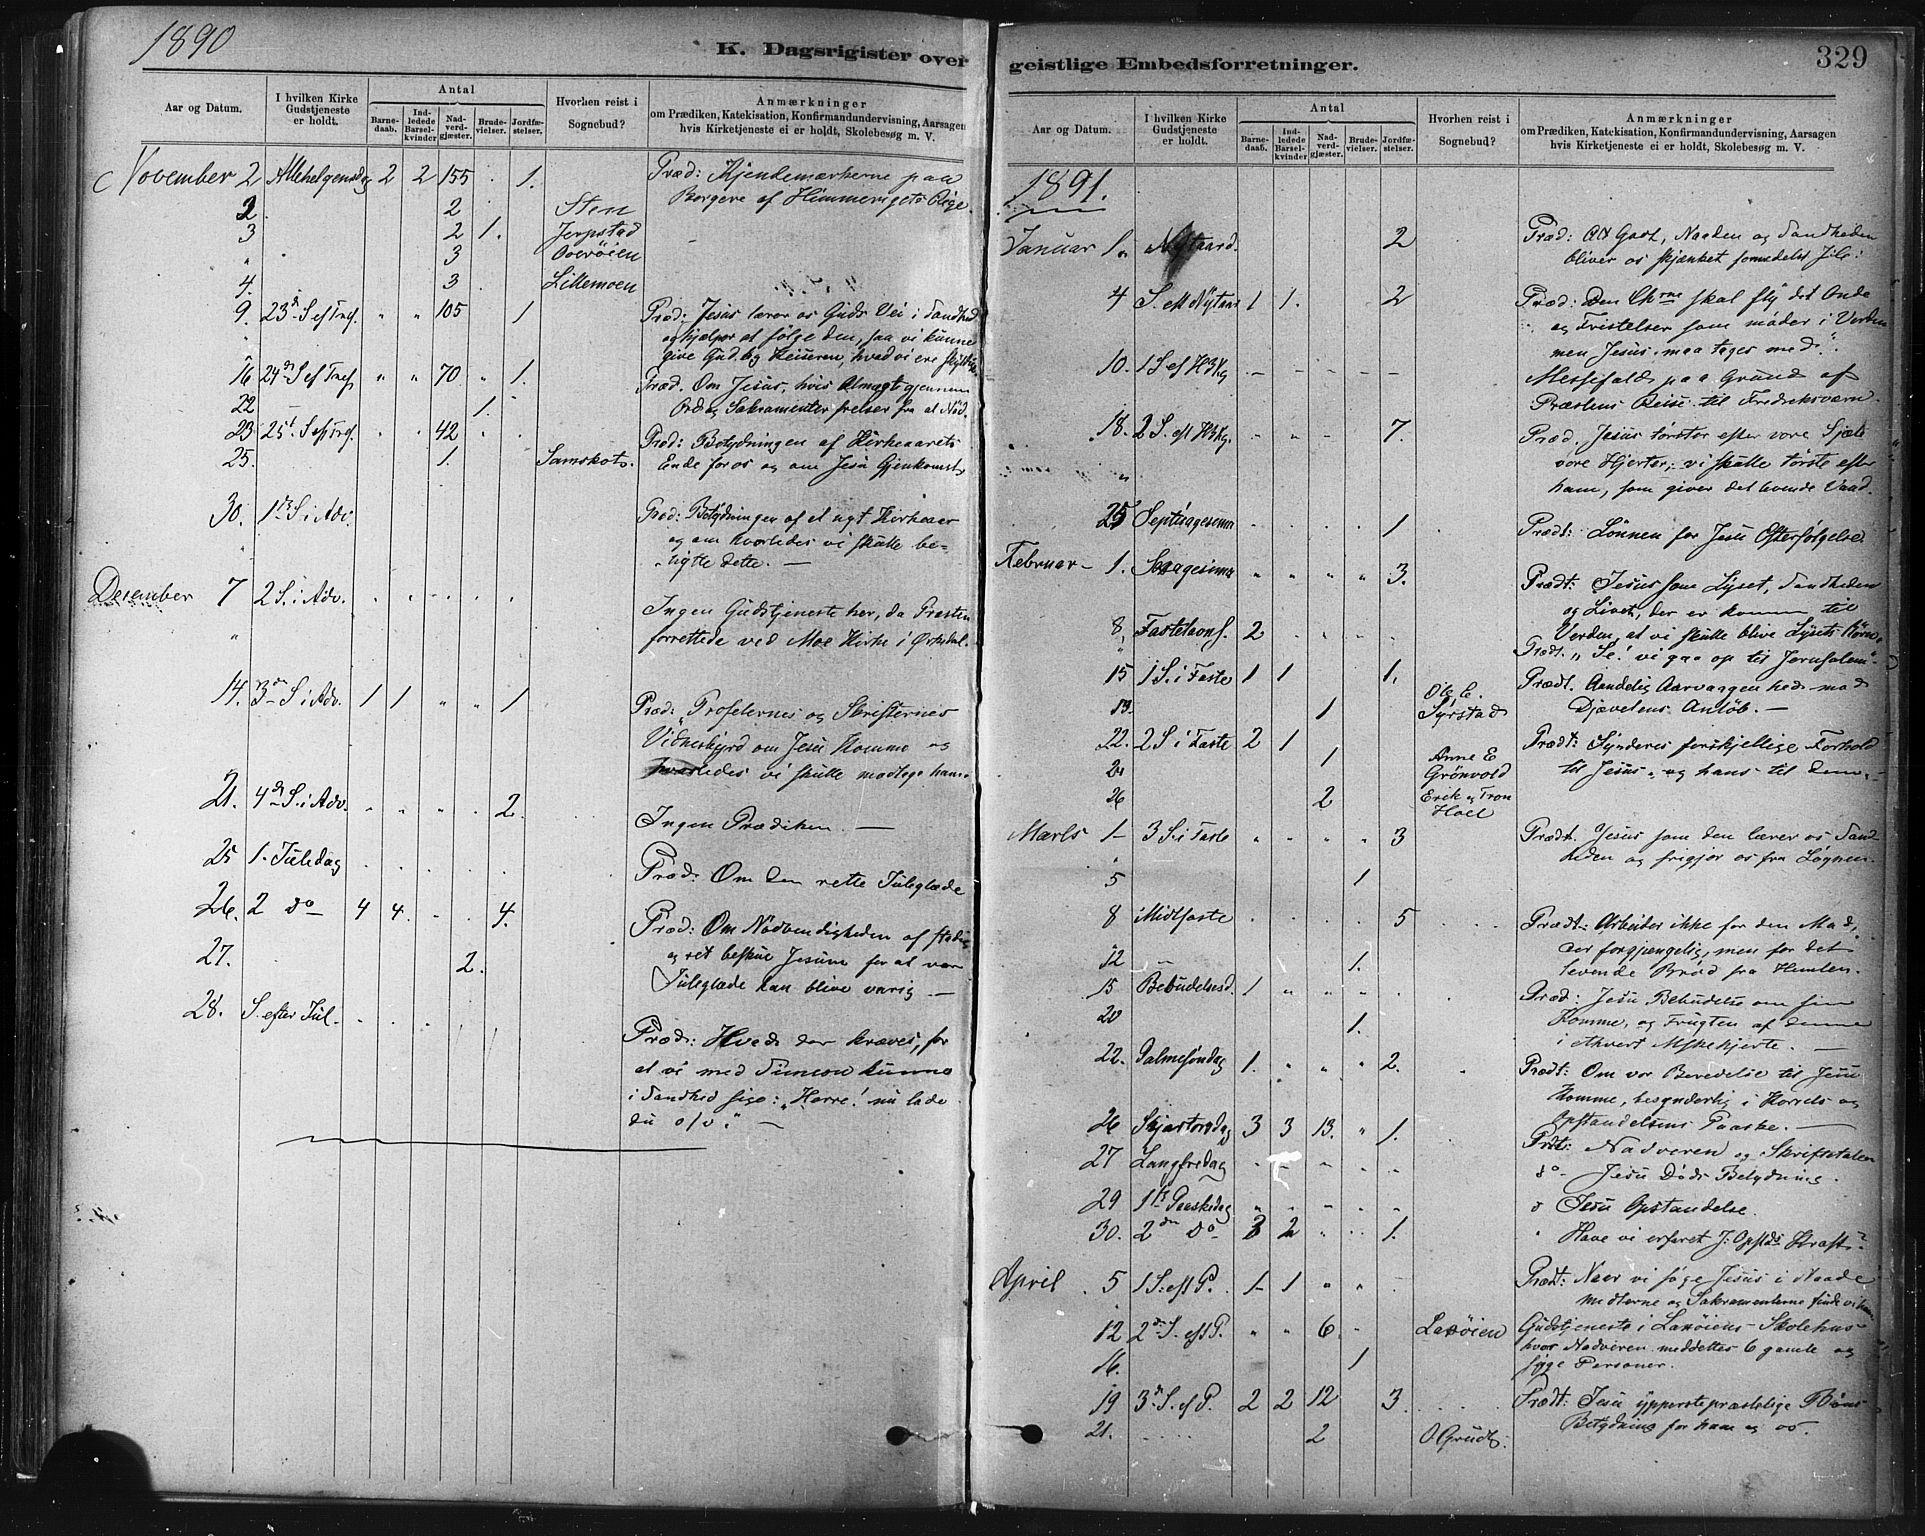 SAT, Ministerialprotokoller, klokkerbøker og fødselsregistre - Sør-Trøndelag, 672/L0857: Ministerialbok nr. 672A09, 1882-1893, s. 329